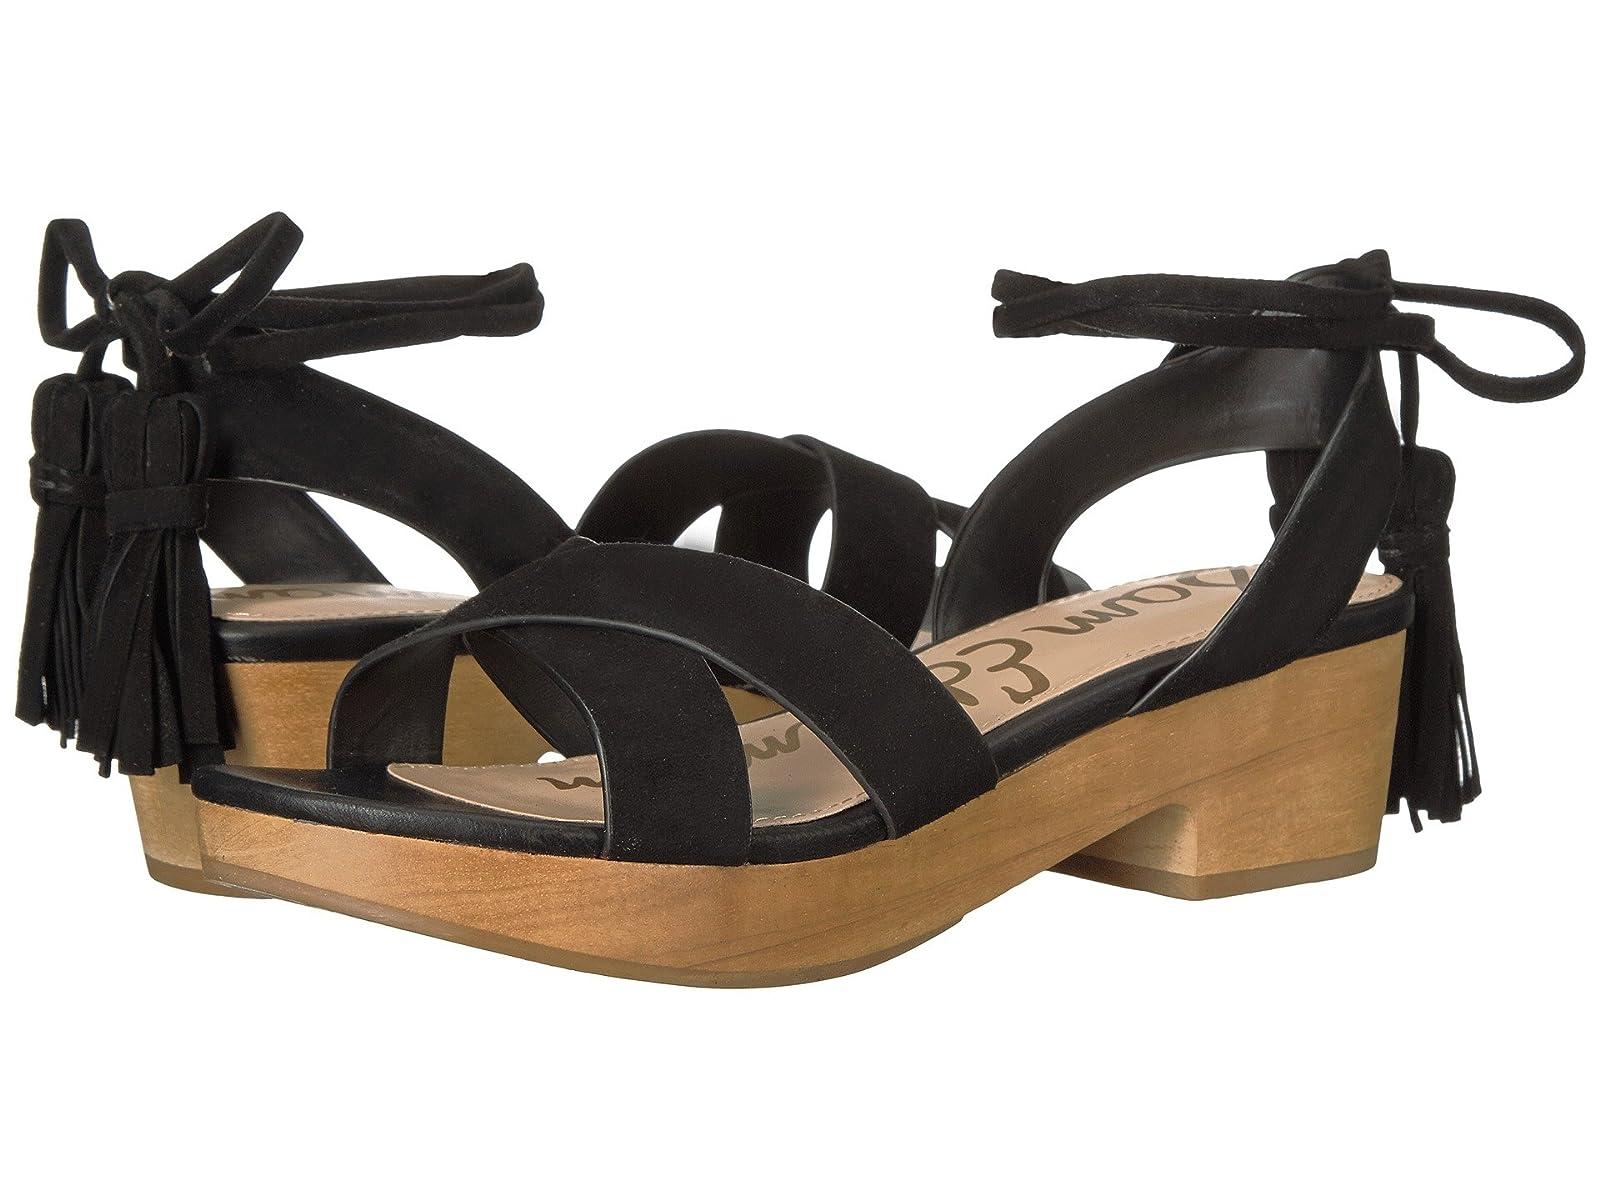 Sam Edelman JennaCheap and distinctive eye-catching shoes